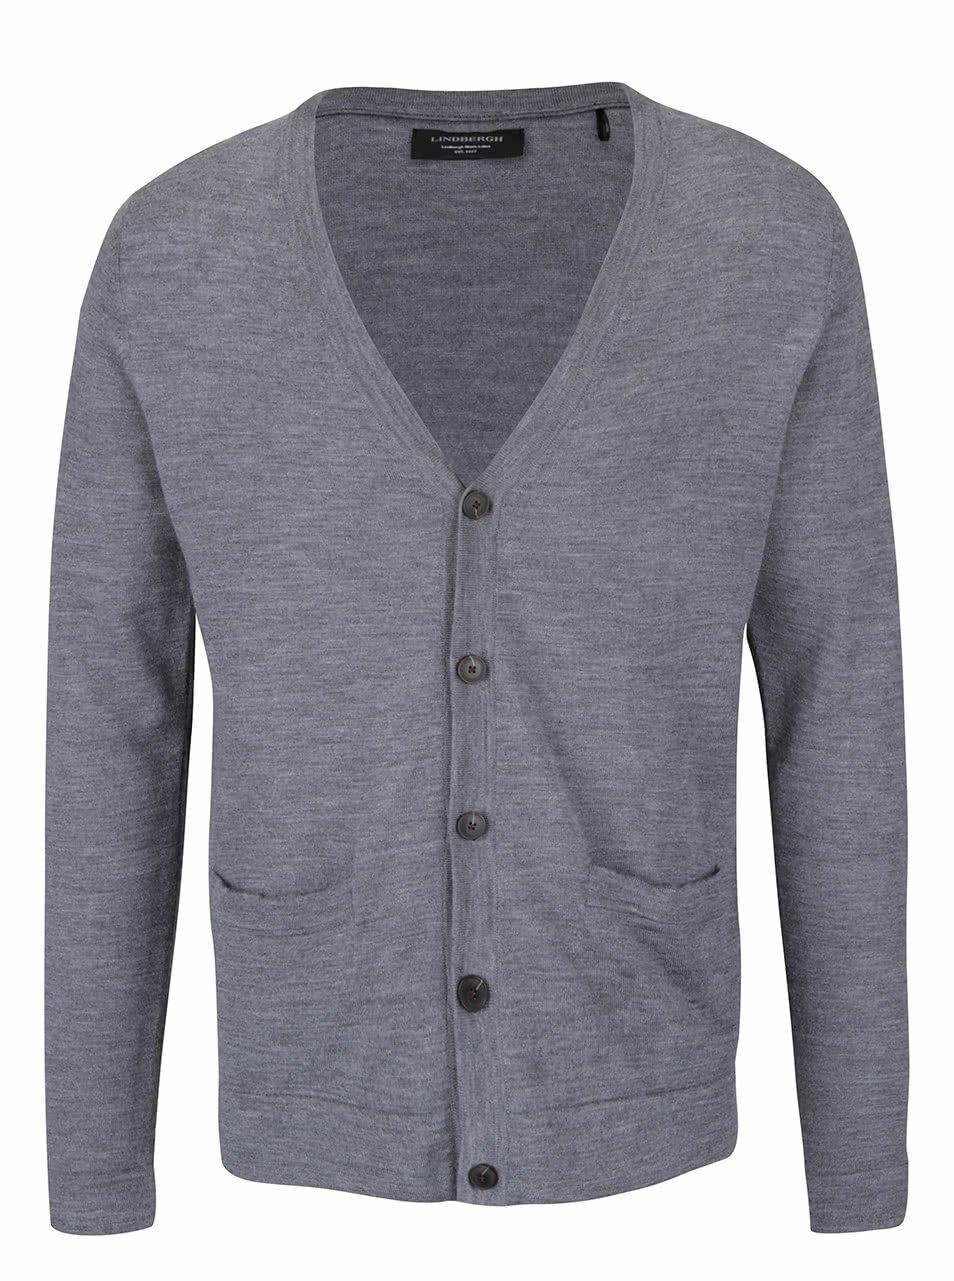 Šedý lehký vlněný svetr na knoflíky Lindbergh